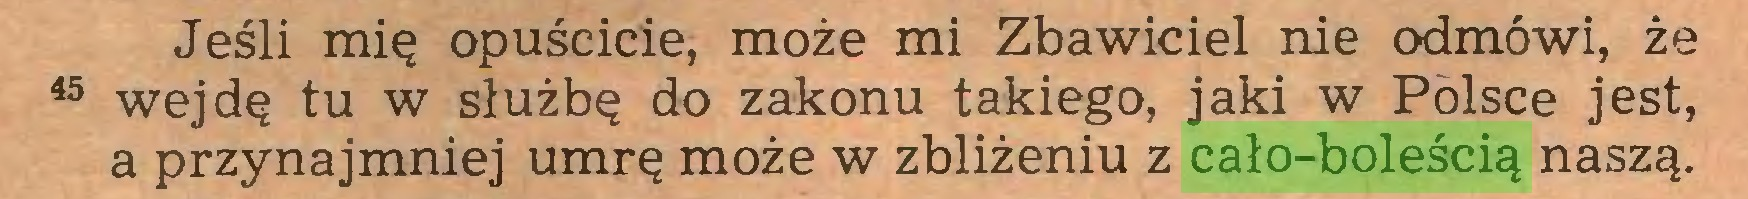 (...) Jeśli mię opuścicie, może mi Zbawiciel nie odmówi, że 45 wejdę tu w służbę do zakonu takiego, jaki w Polsce jest, a przynajmniej umrę może w zbliżeniu z cało-boleścią naszą...